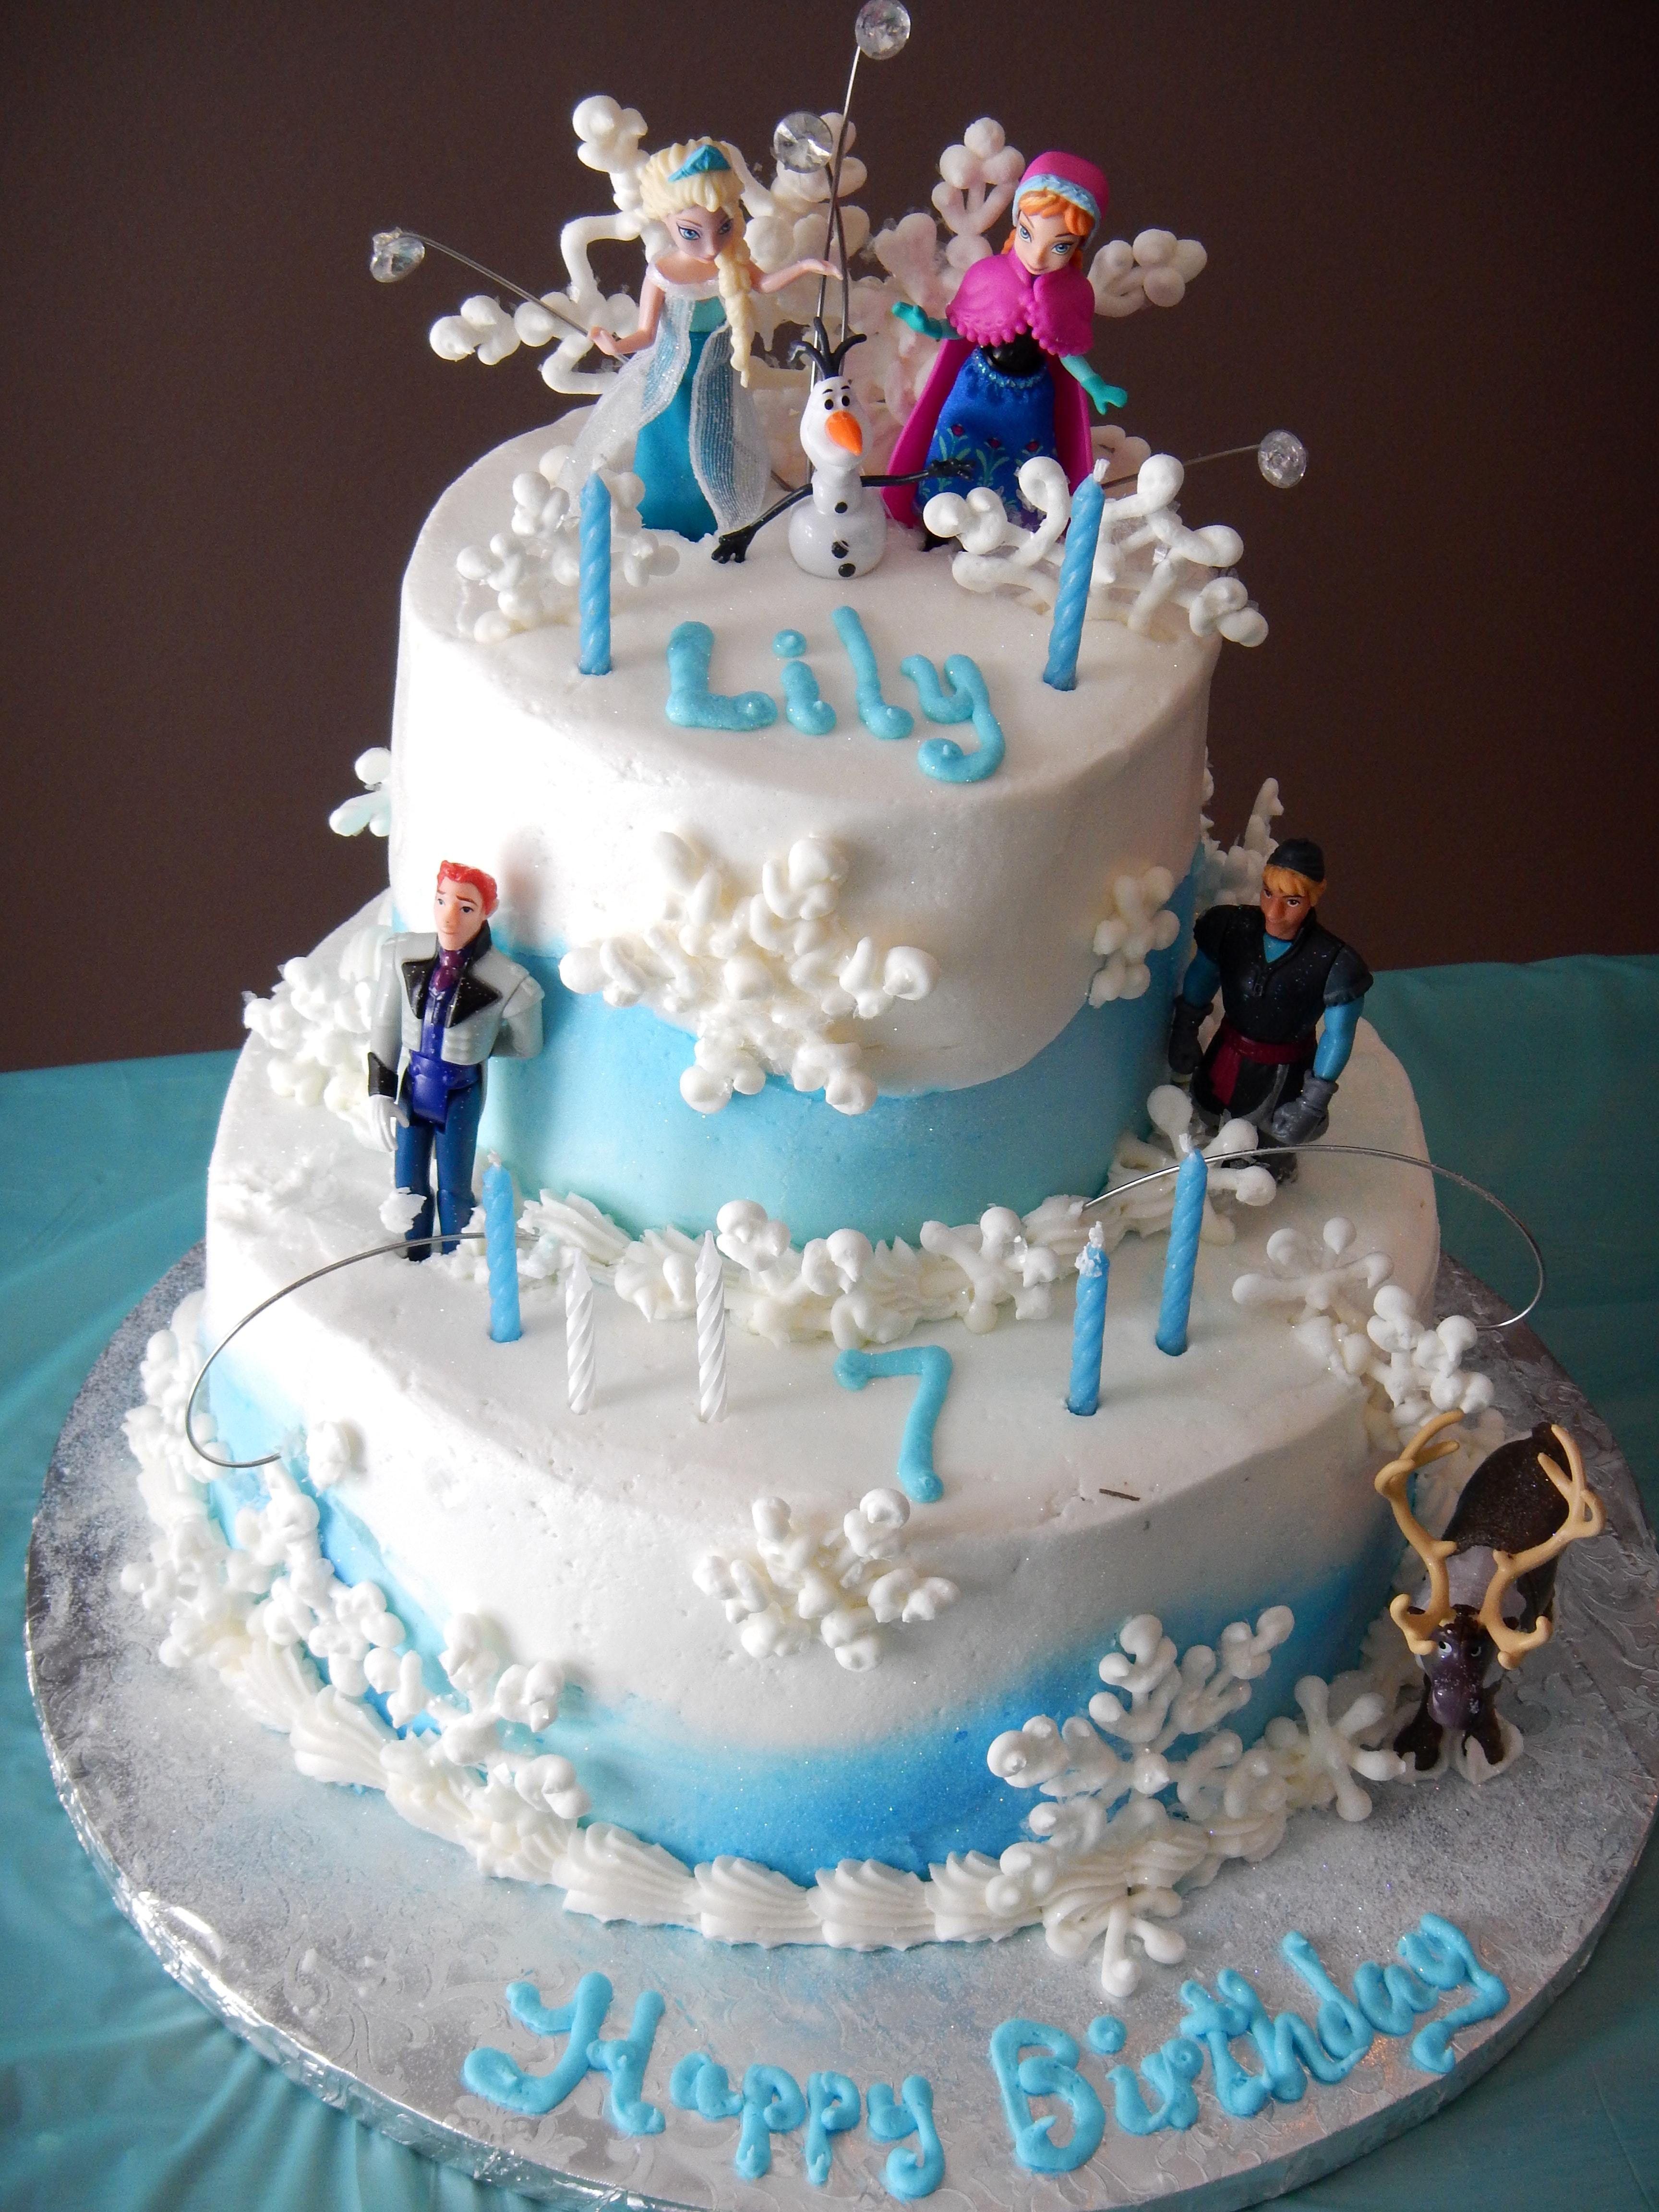 Fabulous Harris Teeter Birthday Cakes Frozen Themed Birthday Cake Themed Personalised Birthday Cards Veneteletsinfo